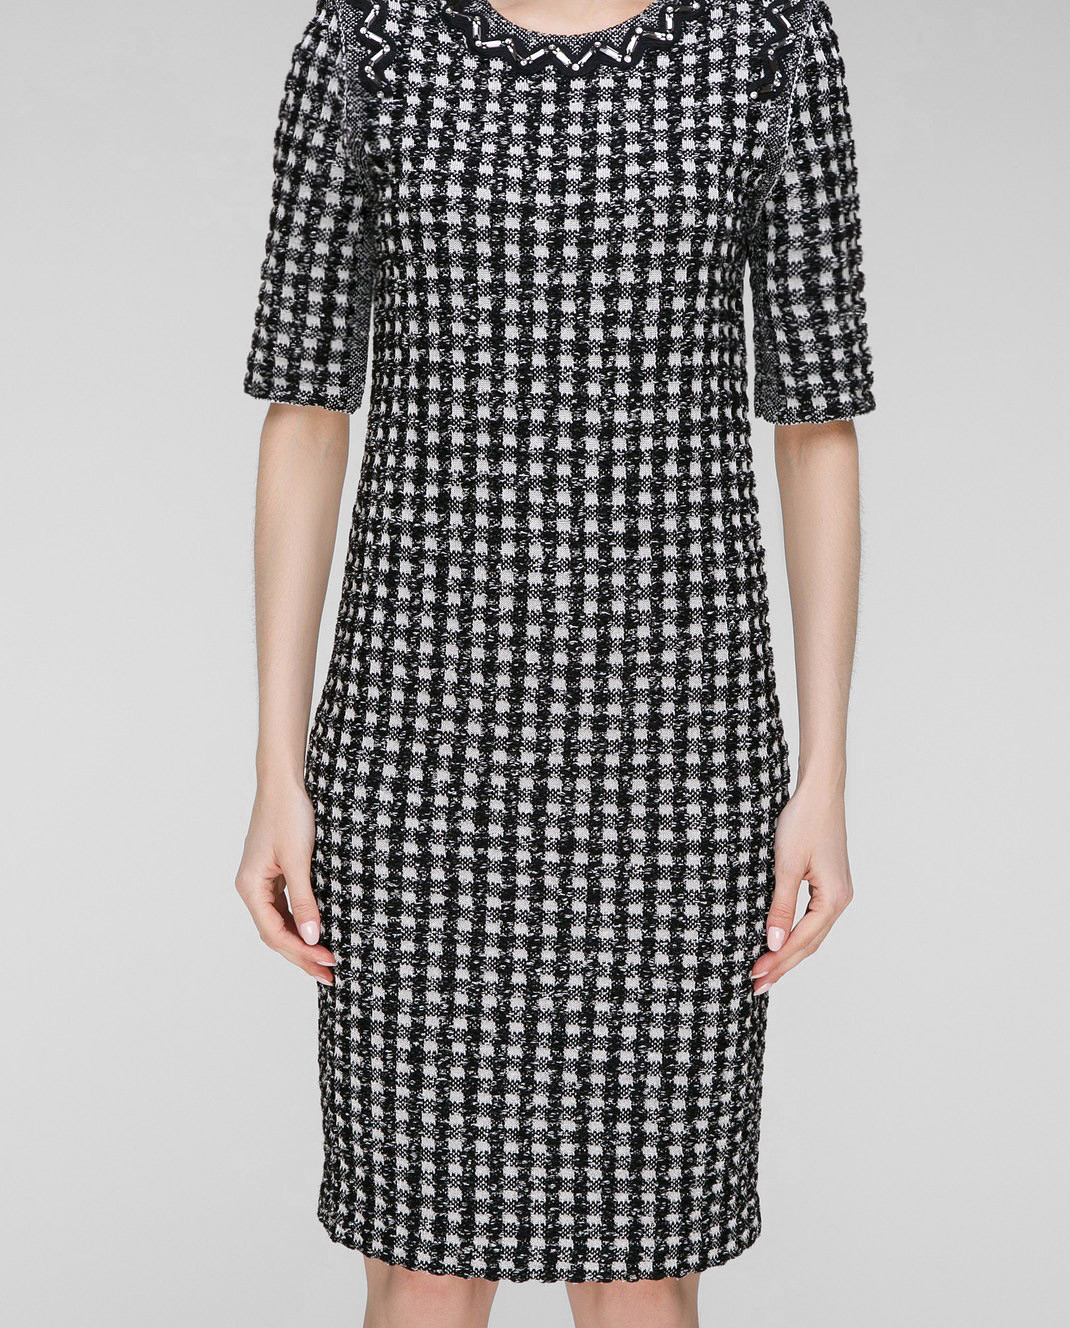 Sonia Rykiel Черное платье 17865419 изображение 3